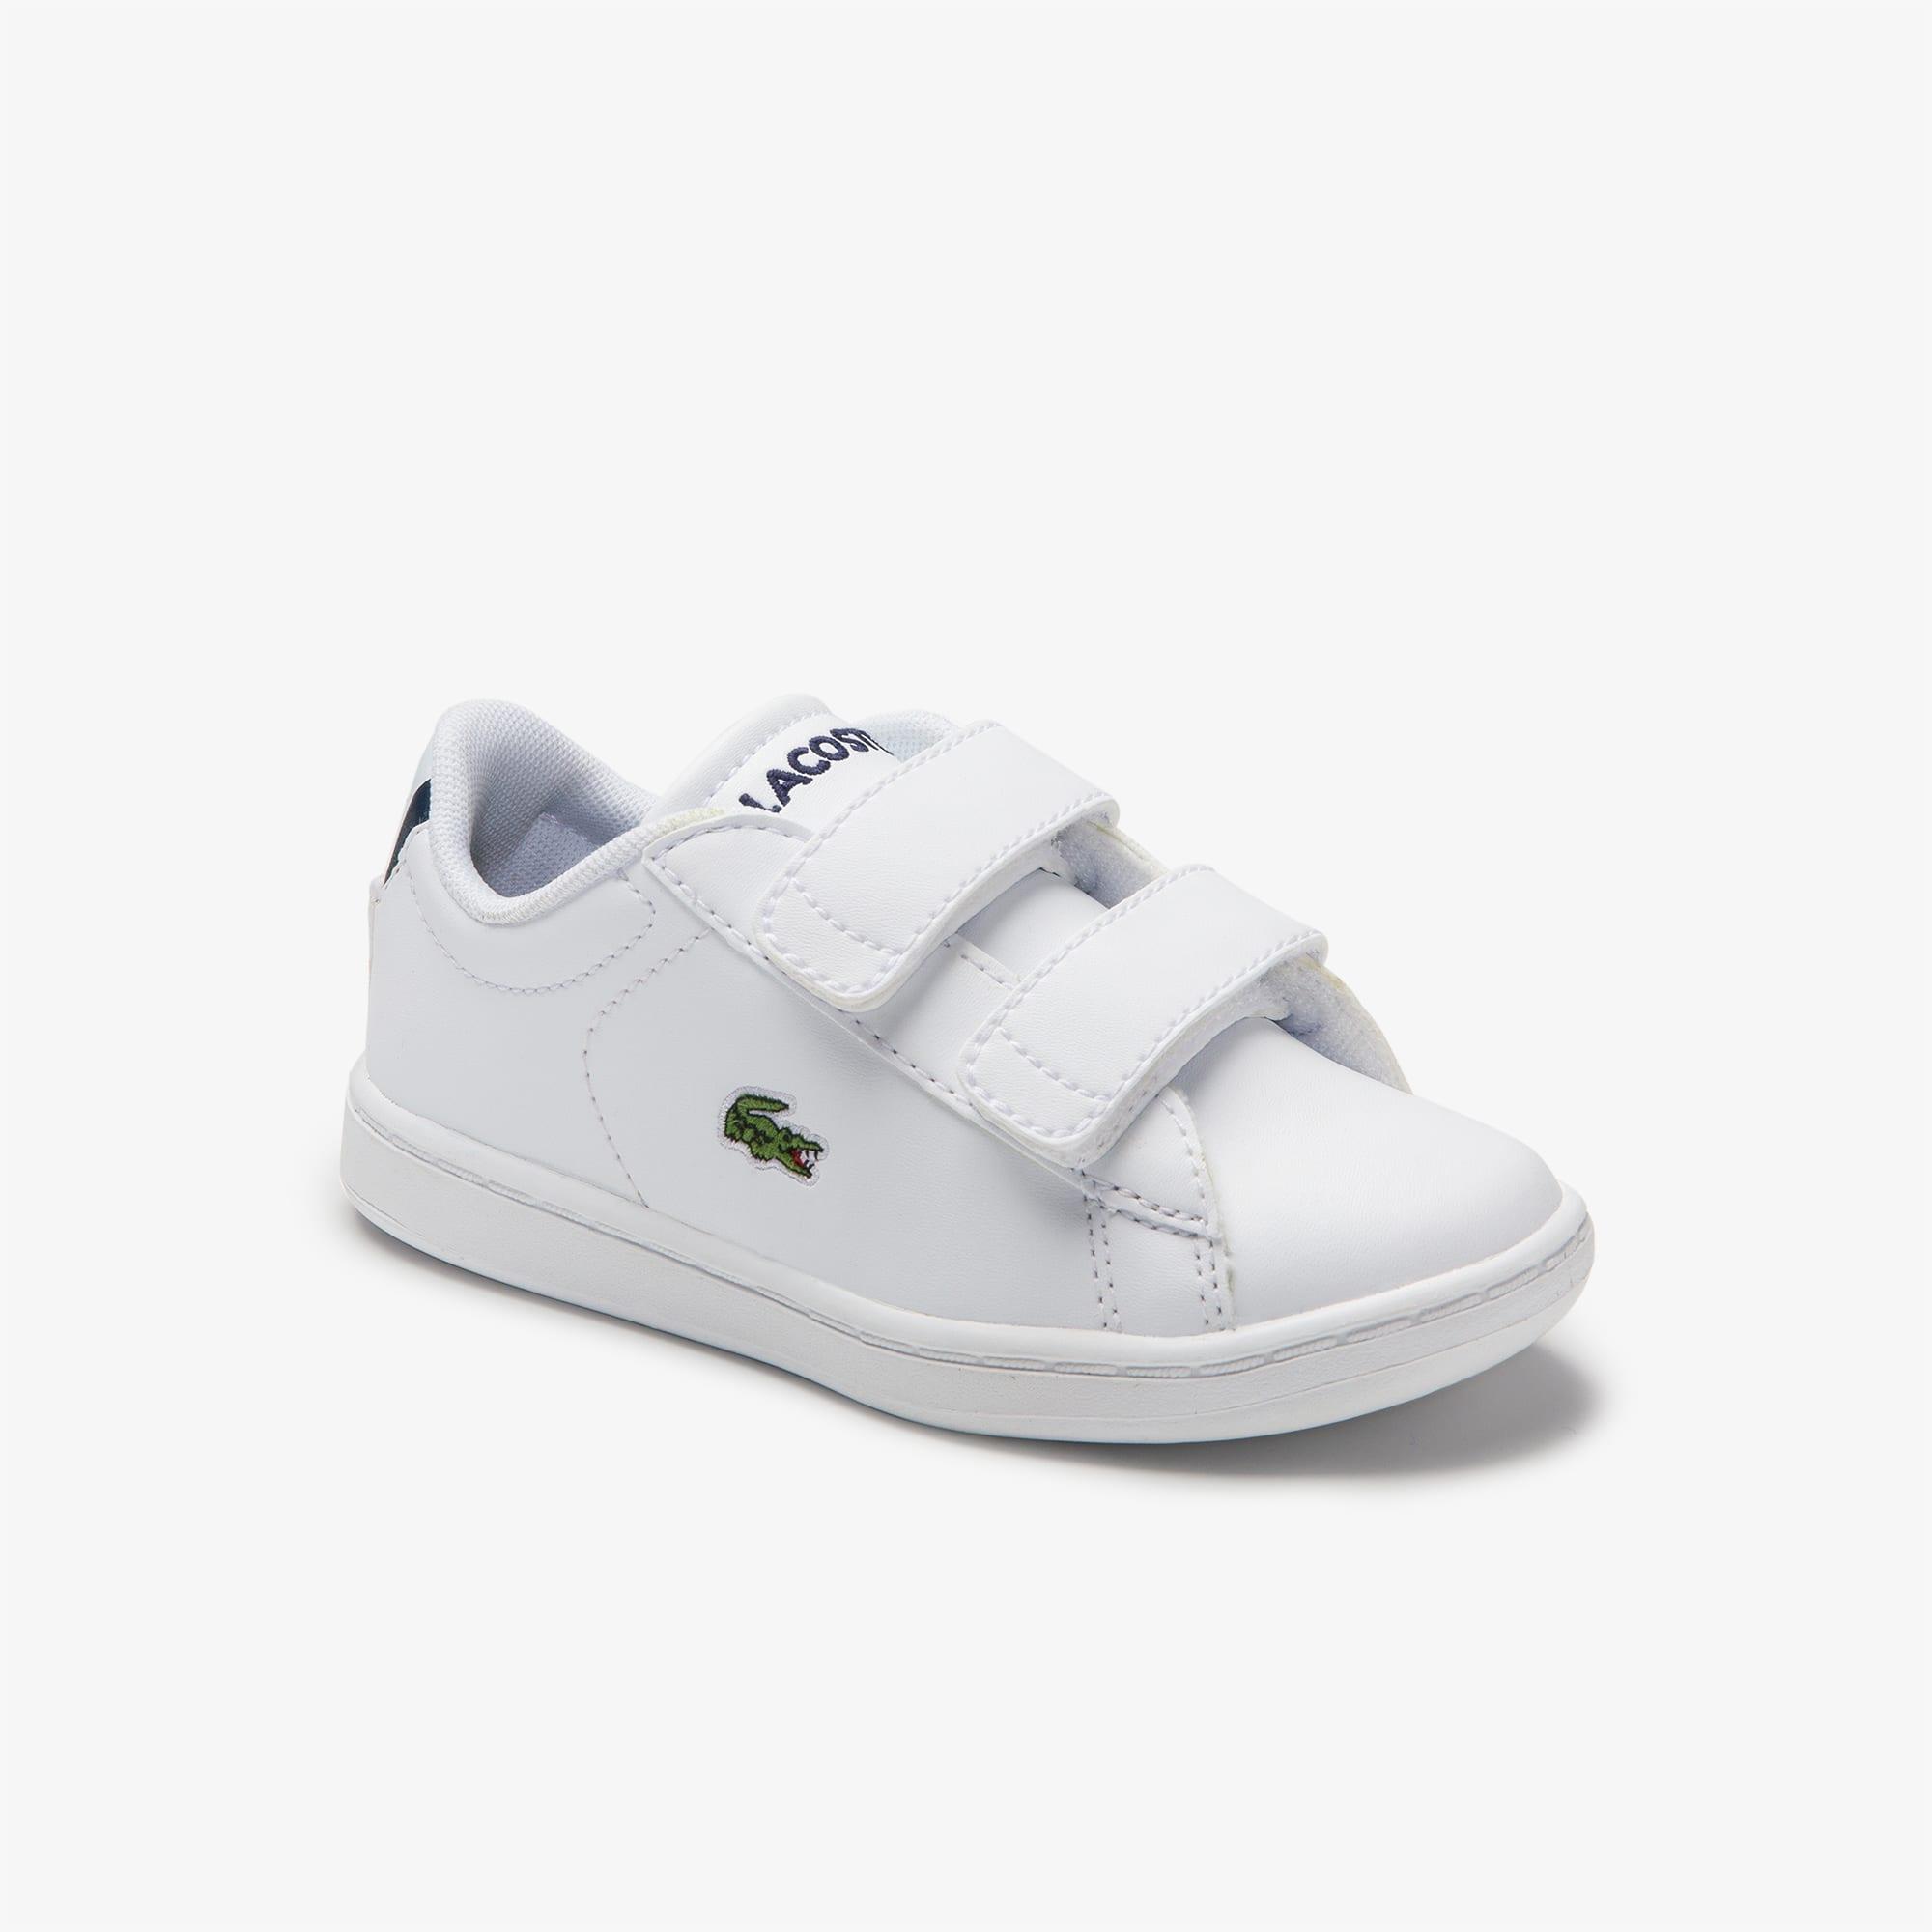 Kids Footwear | LACOSTE